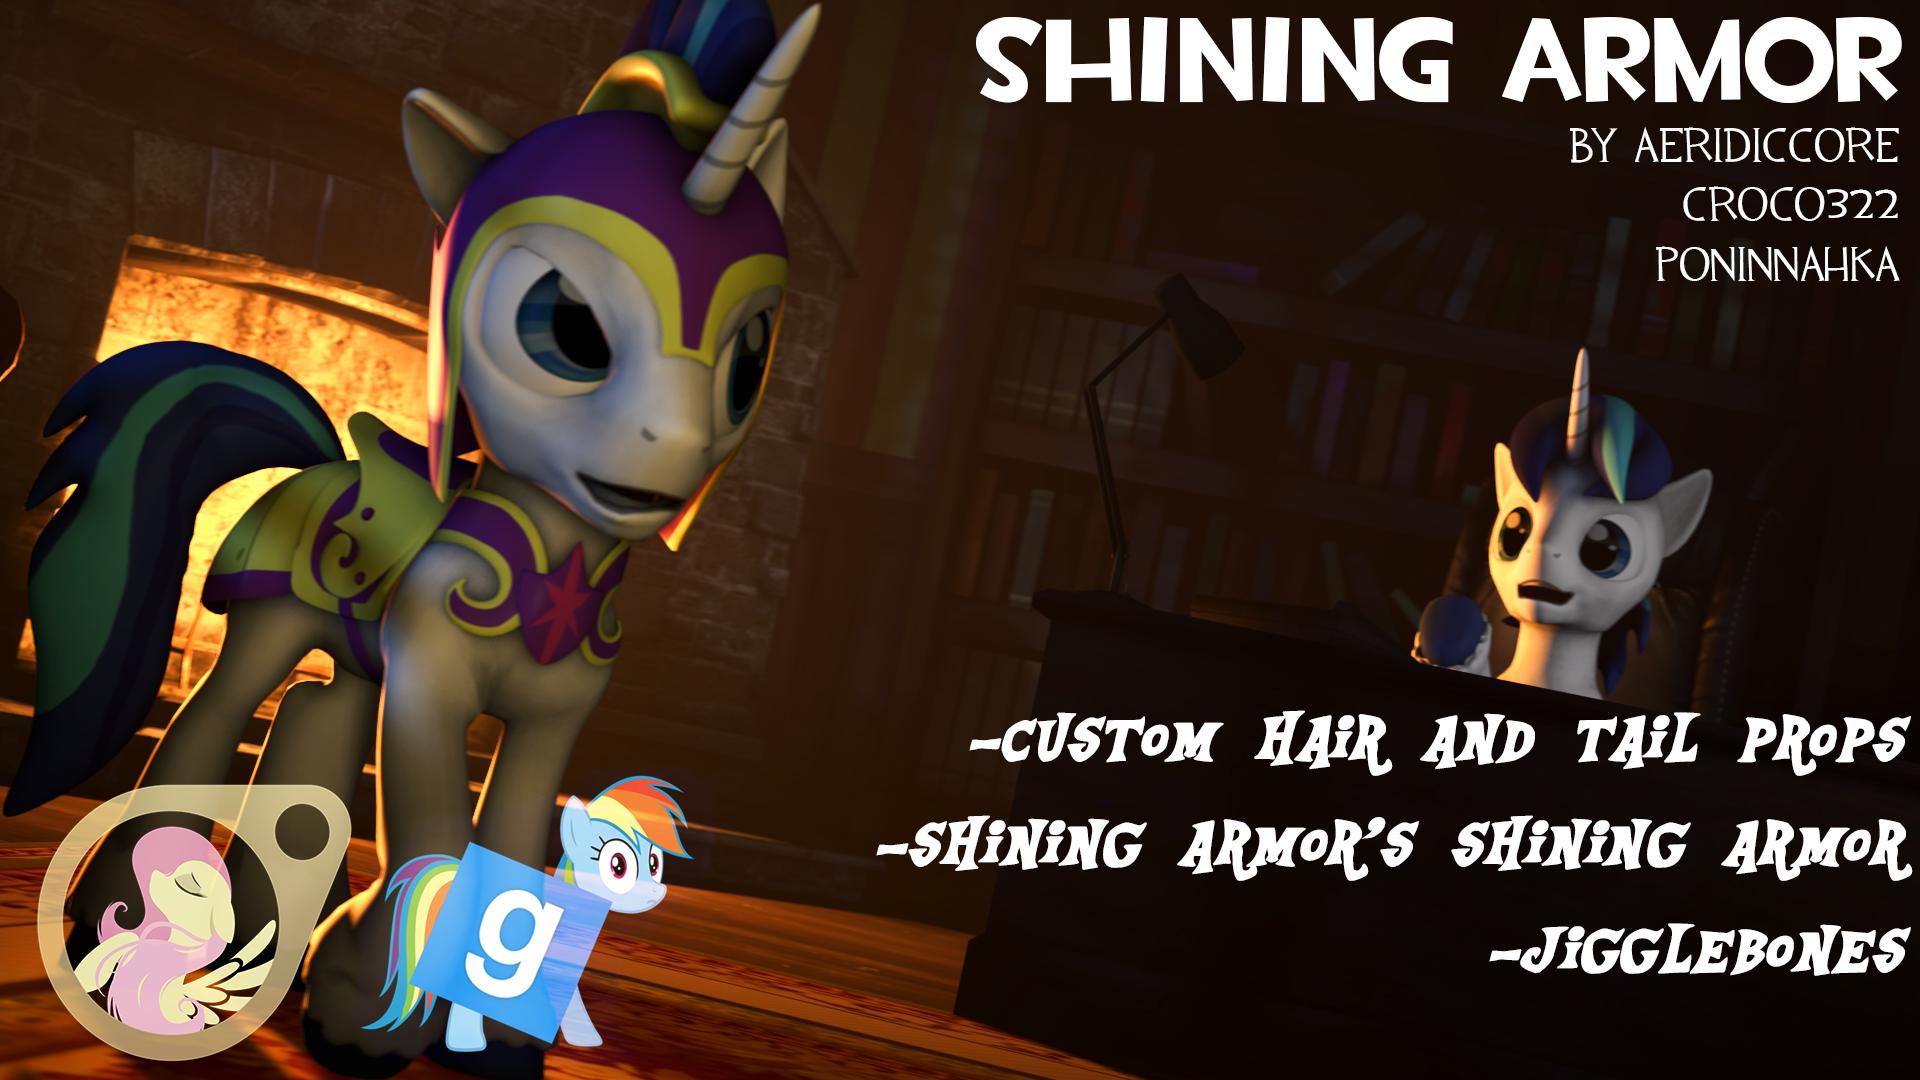 [DL] Shining Armor